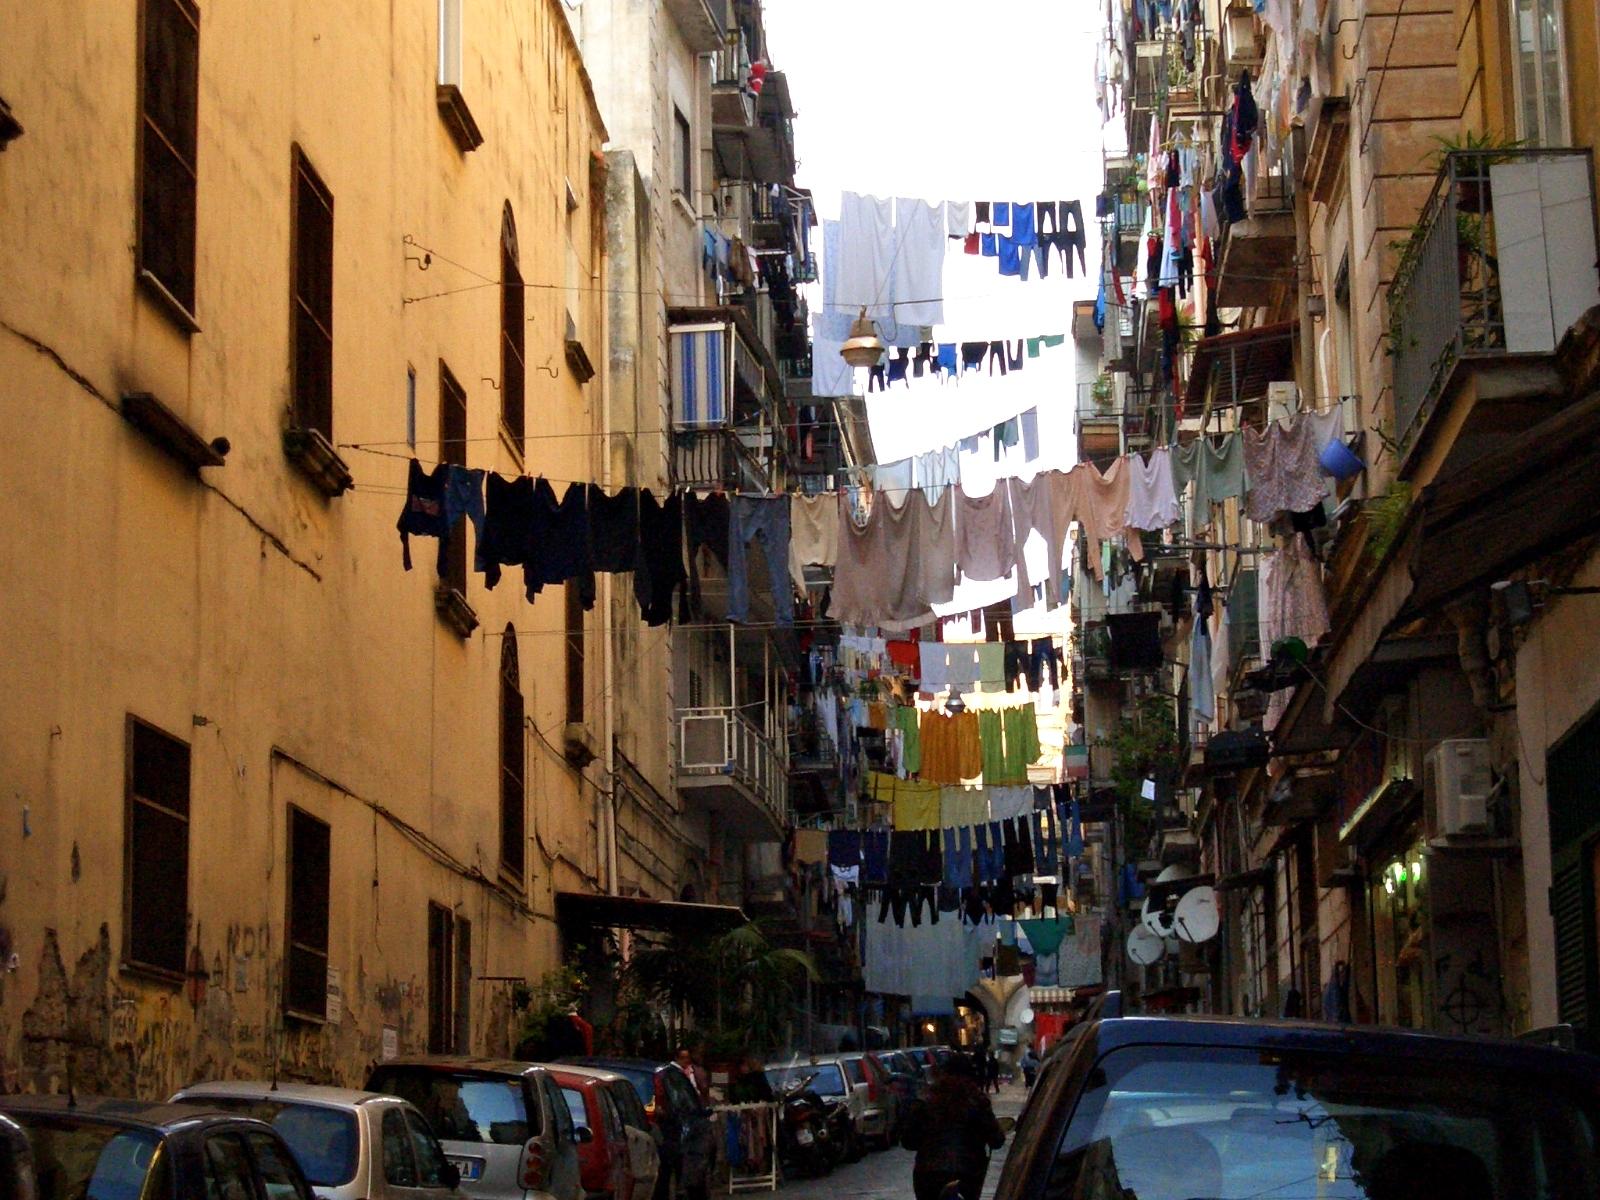 Napoli old townnapoli town